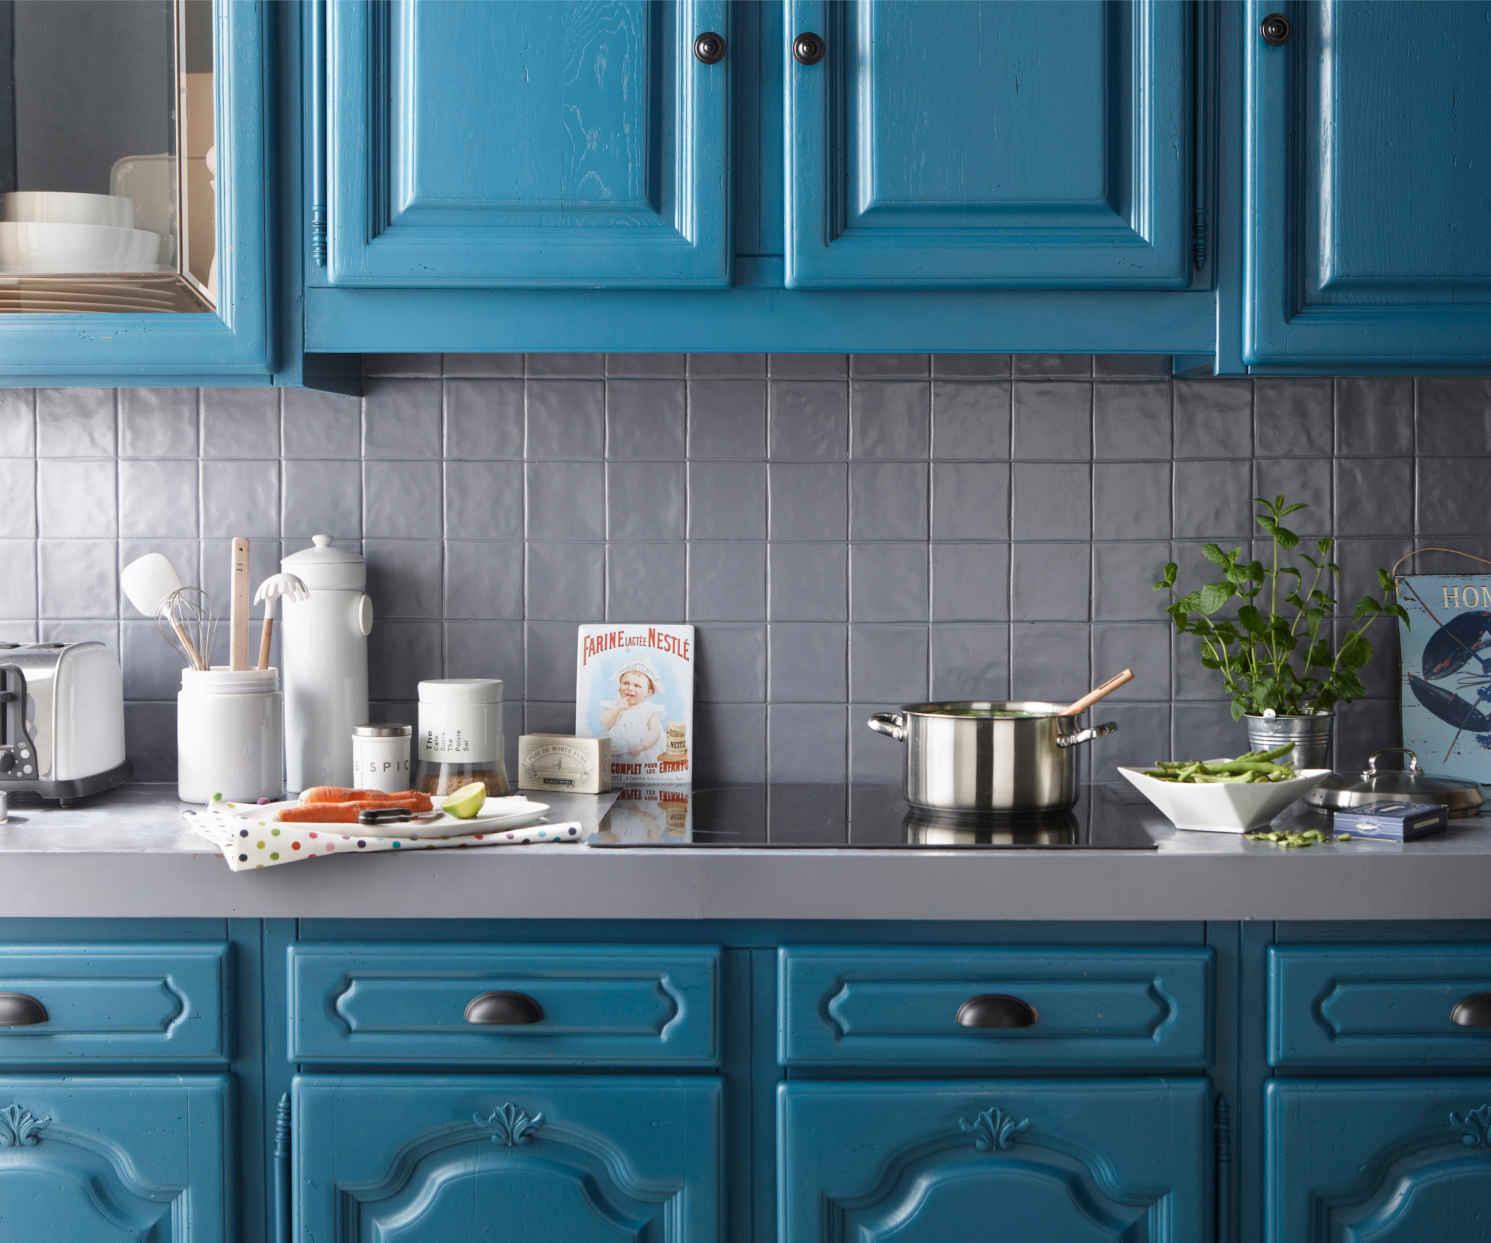 meubles de cuisine en bois brut a peindre meuble tv bois brut a peindre meubles de cuisine en. Black Bedroom Furniture Sets. Home Design Ideas